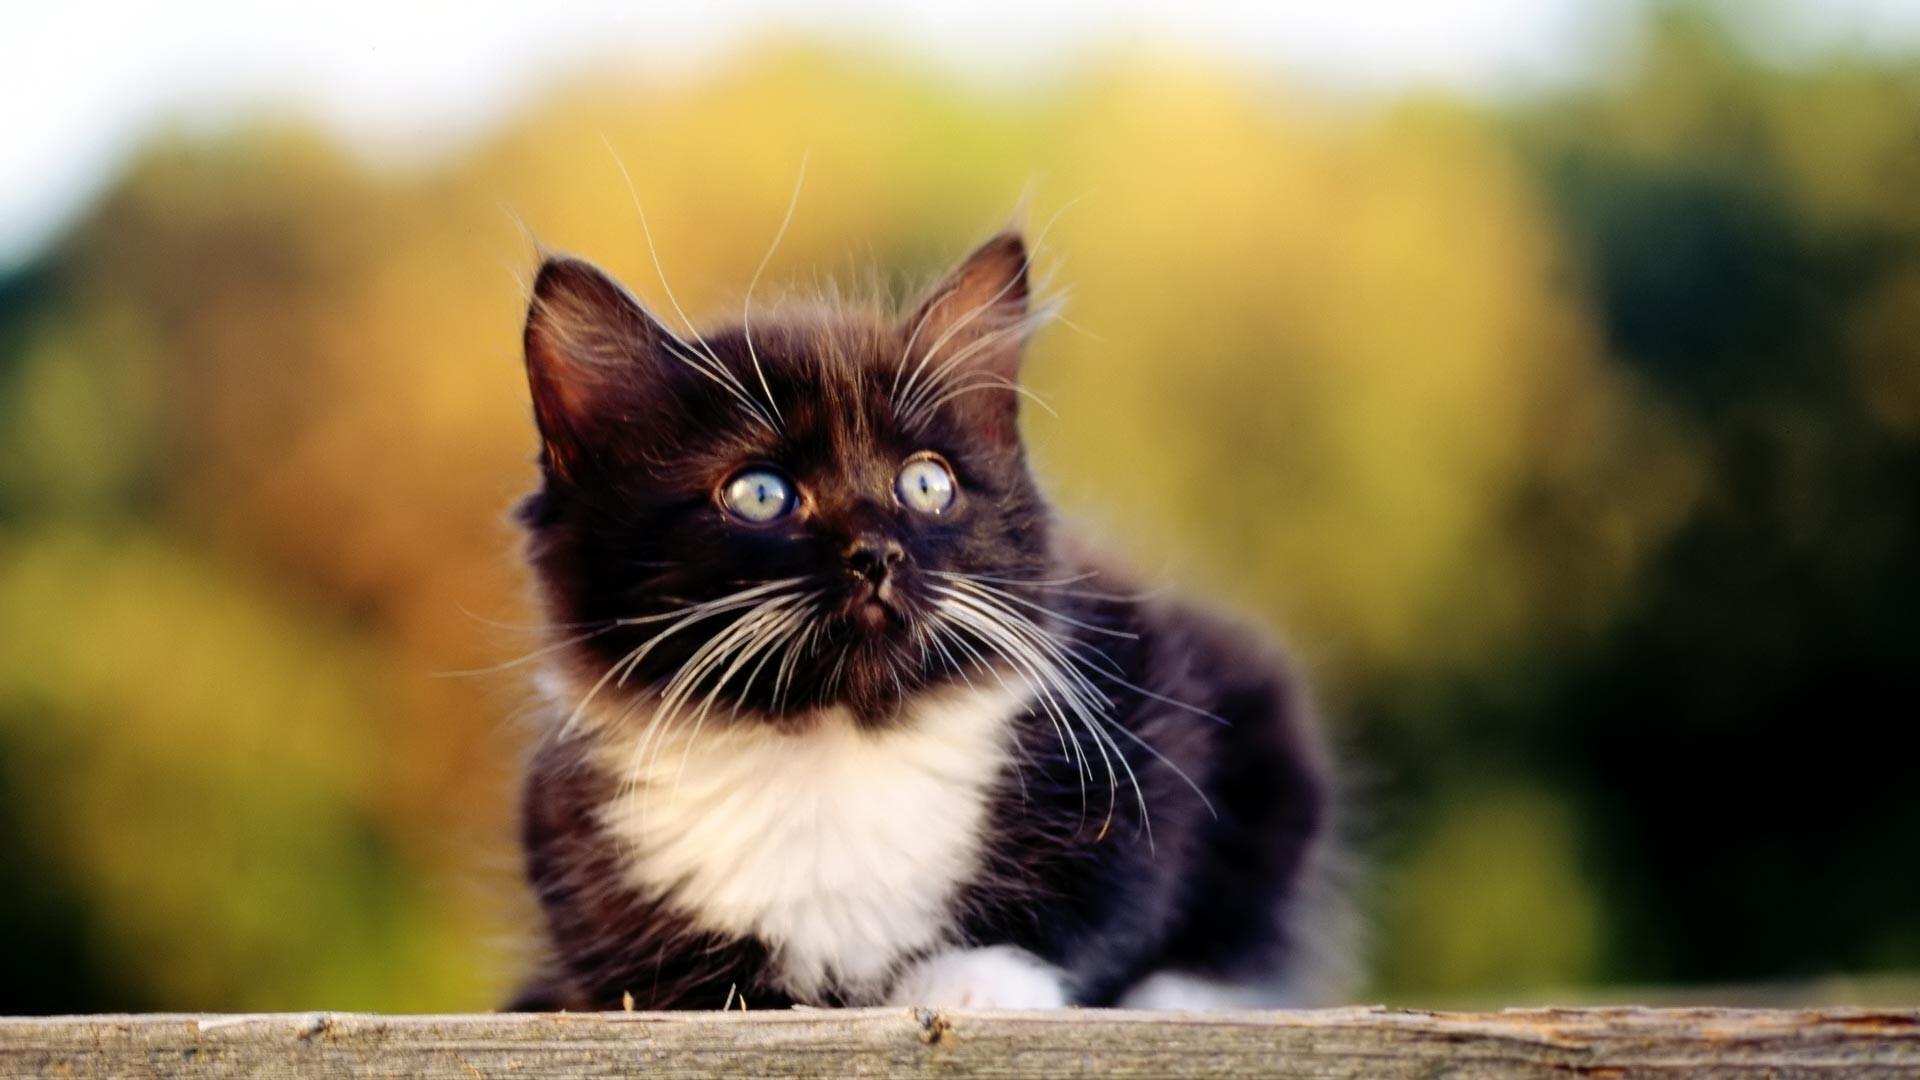 Kitten Wallpaper For Desktop 64 Images